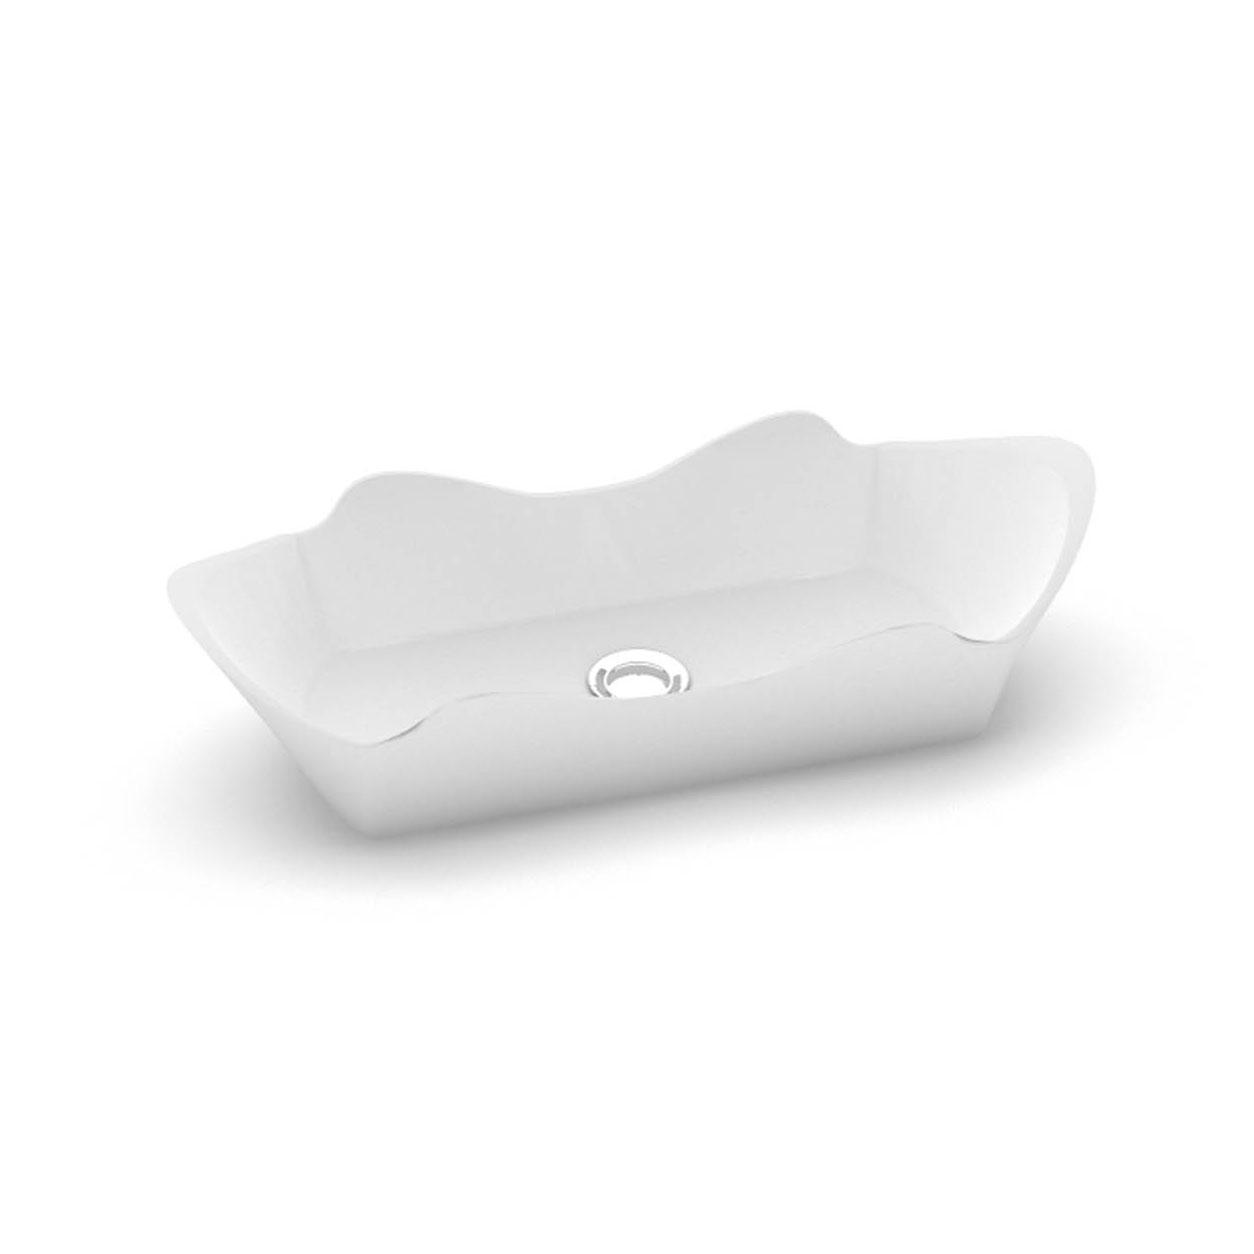 Stone cast washbasin Eracura iso